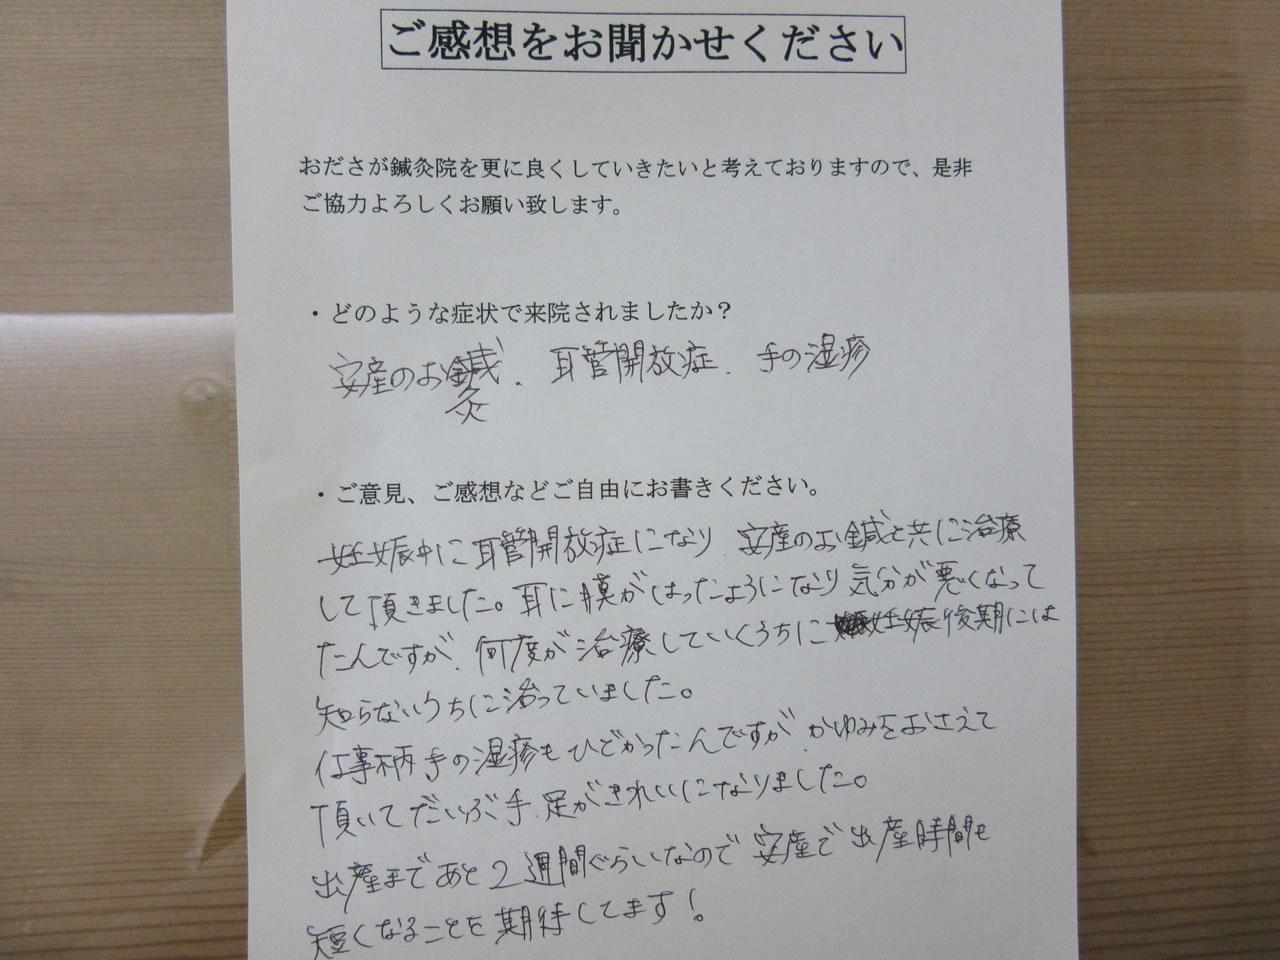 患者からの 手書手紙 ヘアーデザイナー 安産、耳管開放症、湿疹